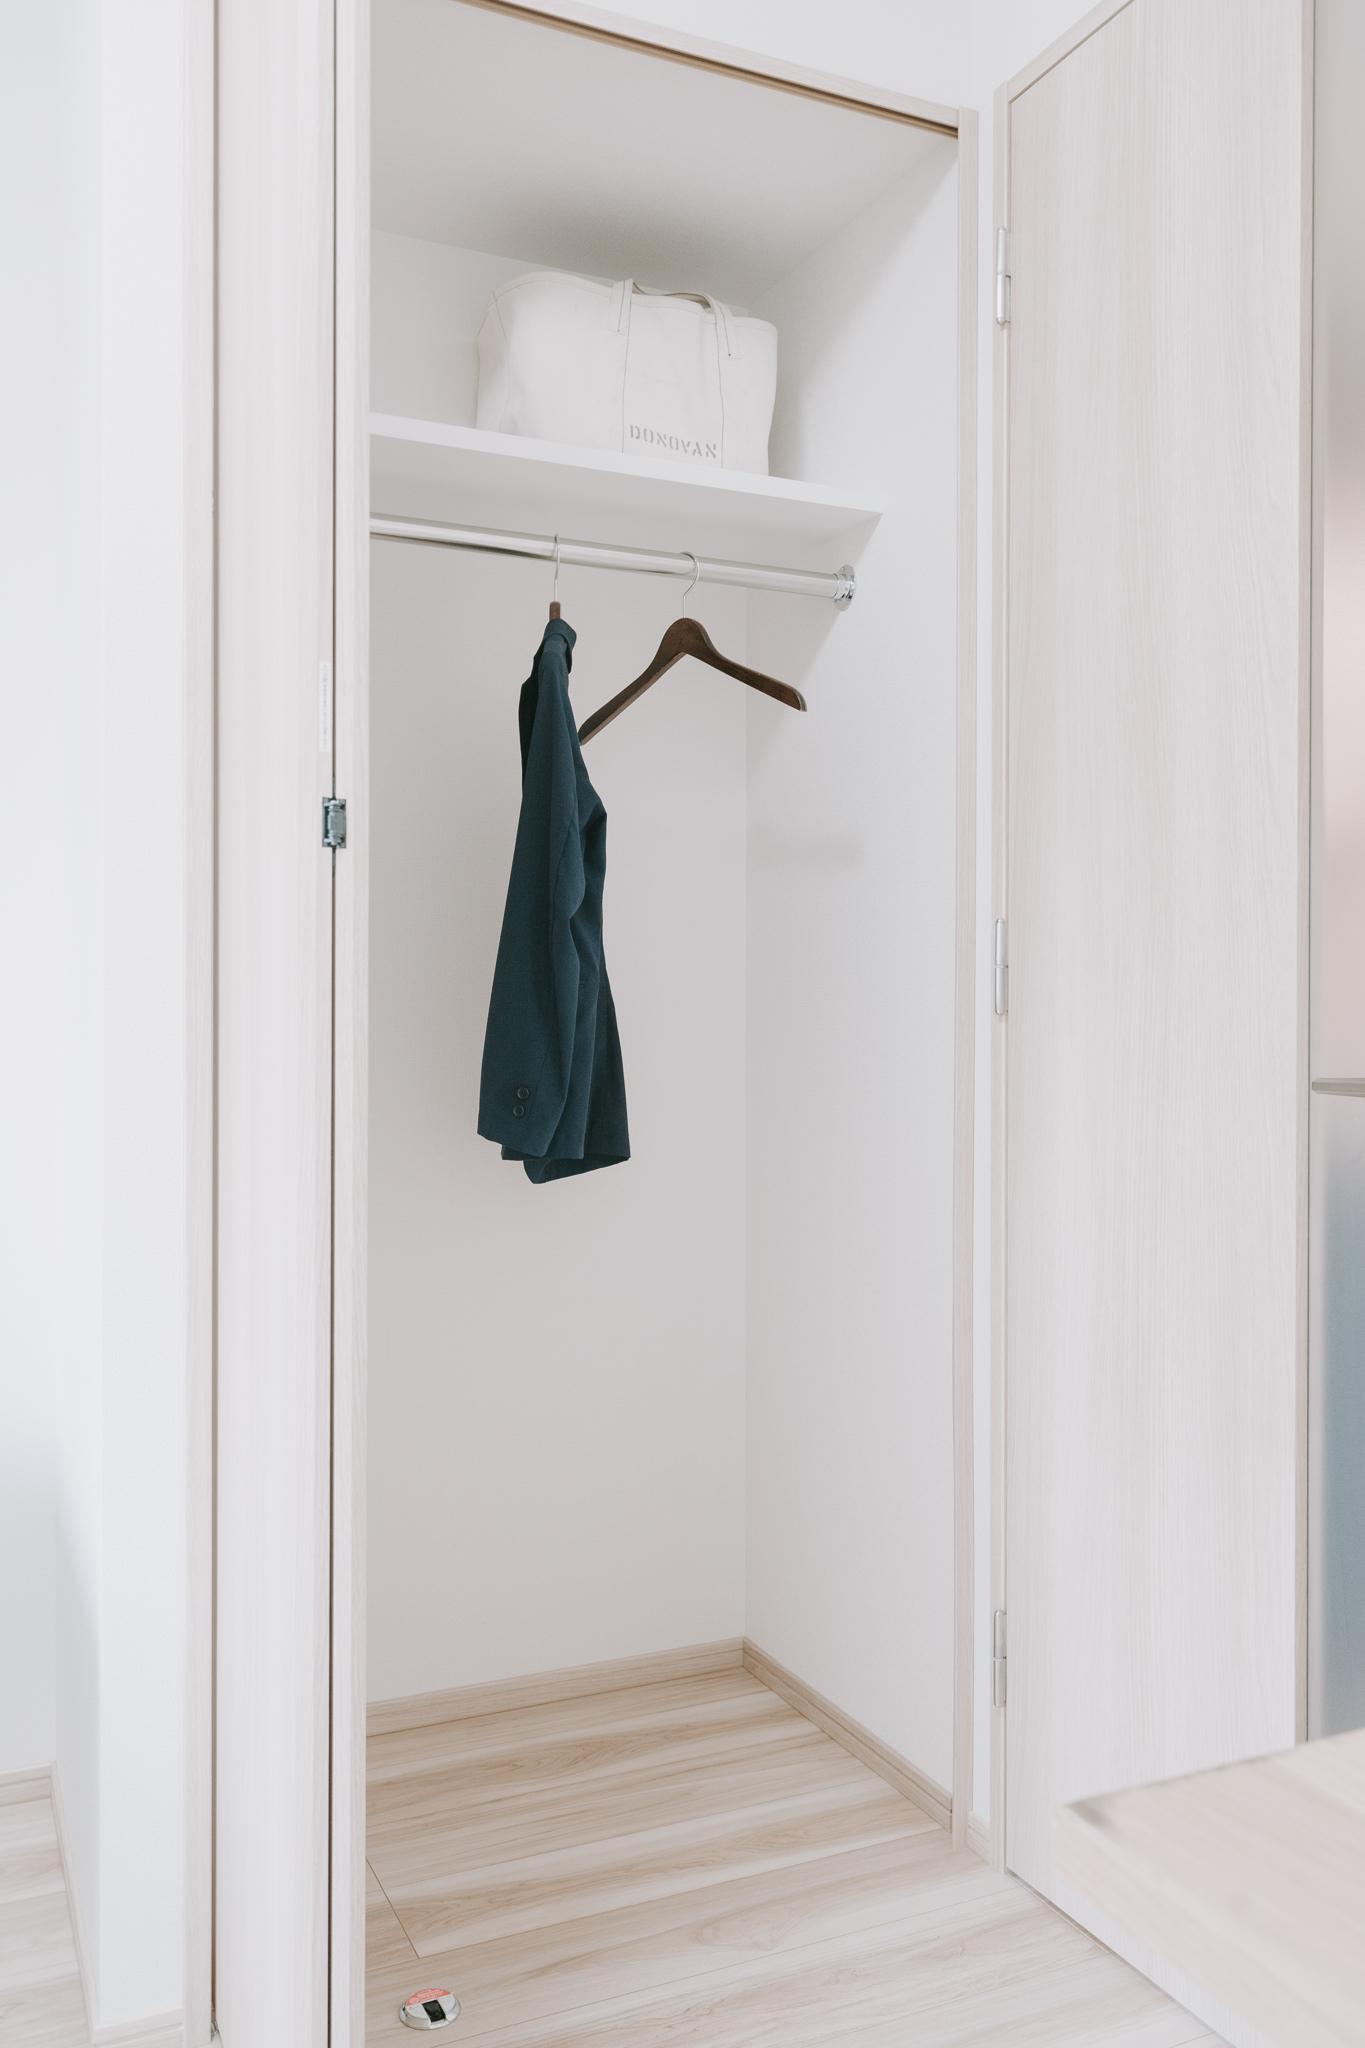 クローゼットはややコンパクトながら、奥行きがあります。そのため下段に引き出し、ポールには洋服をかけ、普段使わないものは上段にしまえば、一人暮らしでは十分な広さがあります。